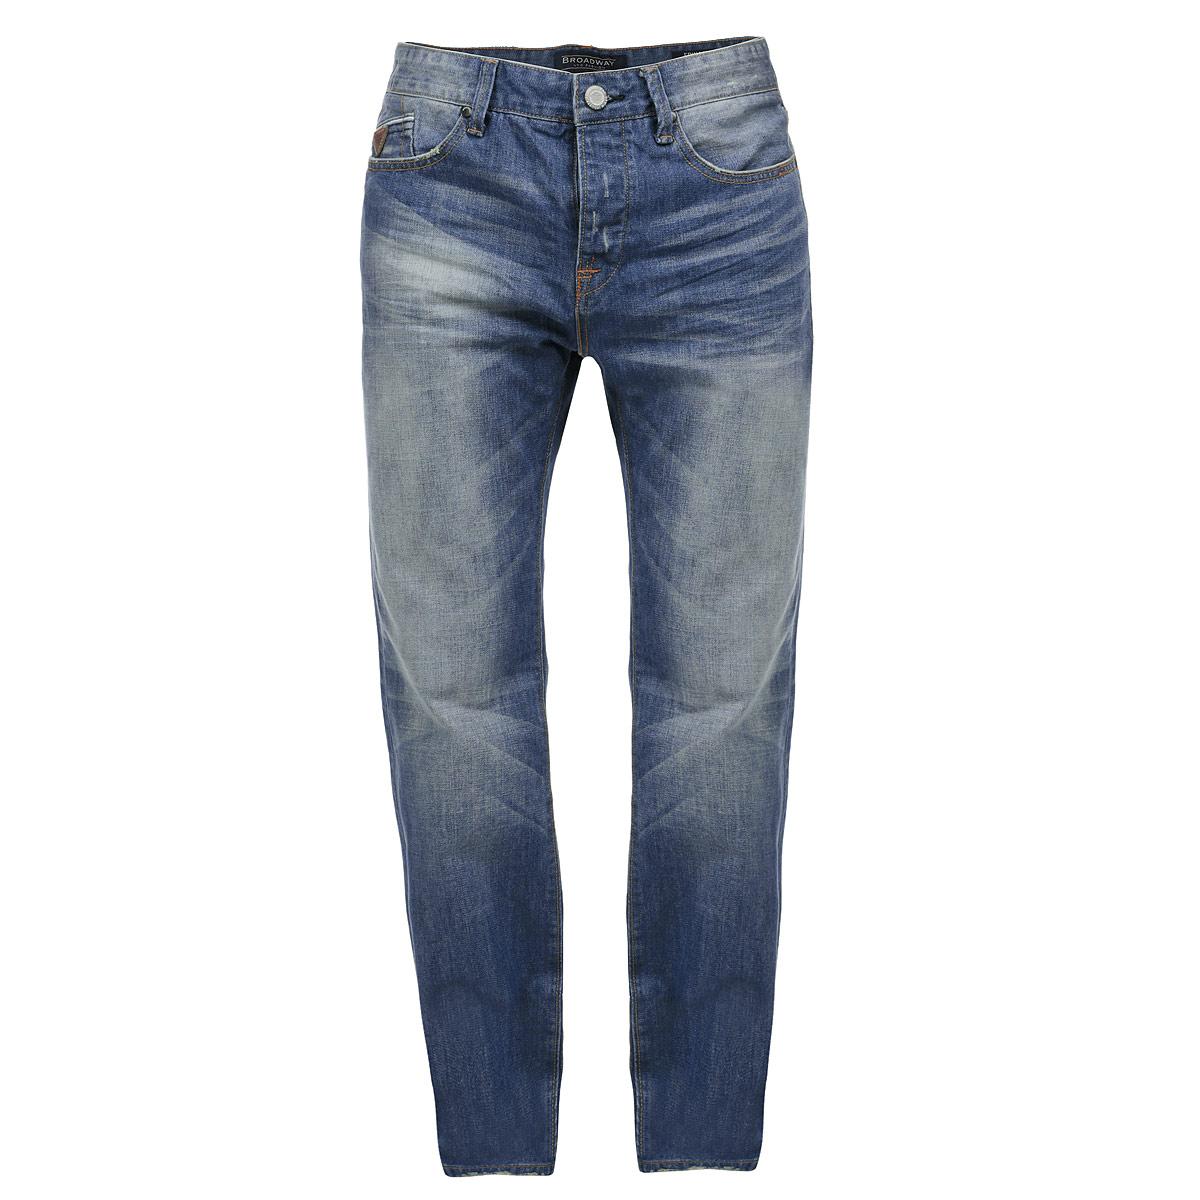 Джинсы мужские. 1015257310152573 L32Стильные мужские джинсы Broadway - джинсы высочайшего качества, которые прекрасно сидят. Модель прямого кроя и средней посадки изготовлена из высококачественного материала, не сковывает движения и дарит комфорт. Застегиваются джинсы на пуговицу в поясе и ширинку на металлических пуговицах, имеются шлевки для ремня. Спереди модель дополнена двумя втачными карманами и одним секретным кармашком, а сзади - двумя накладными карманами. Джинсы оформлены тертым эффектом и перманентными складками. Эти модные и в тоже время удобные джинсы помогут вам создать оригинальный современный образ. В них вы всегда будете чувствовать себя уверенно и комфортно.